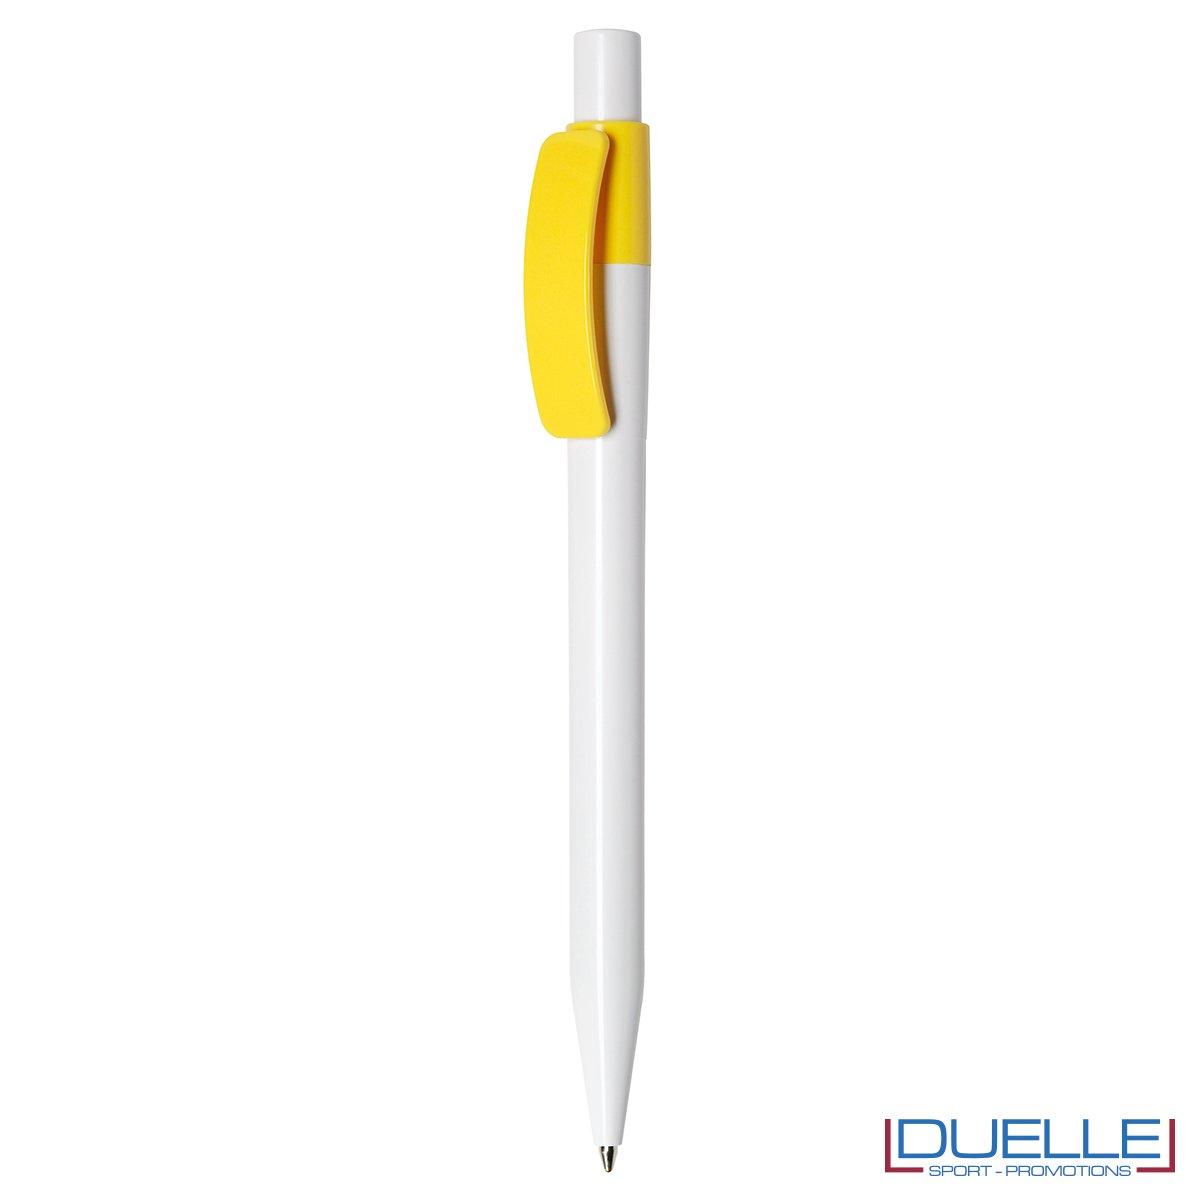 Penna Made in Italy personalizzata Giallo, gadget aziendali, penne personalizzate, gadget personalizzati, articoli promozionali